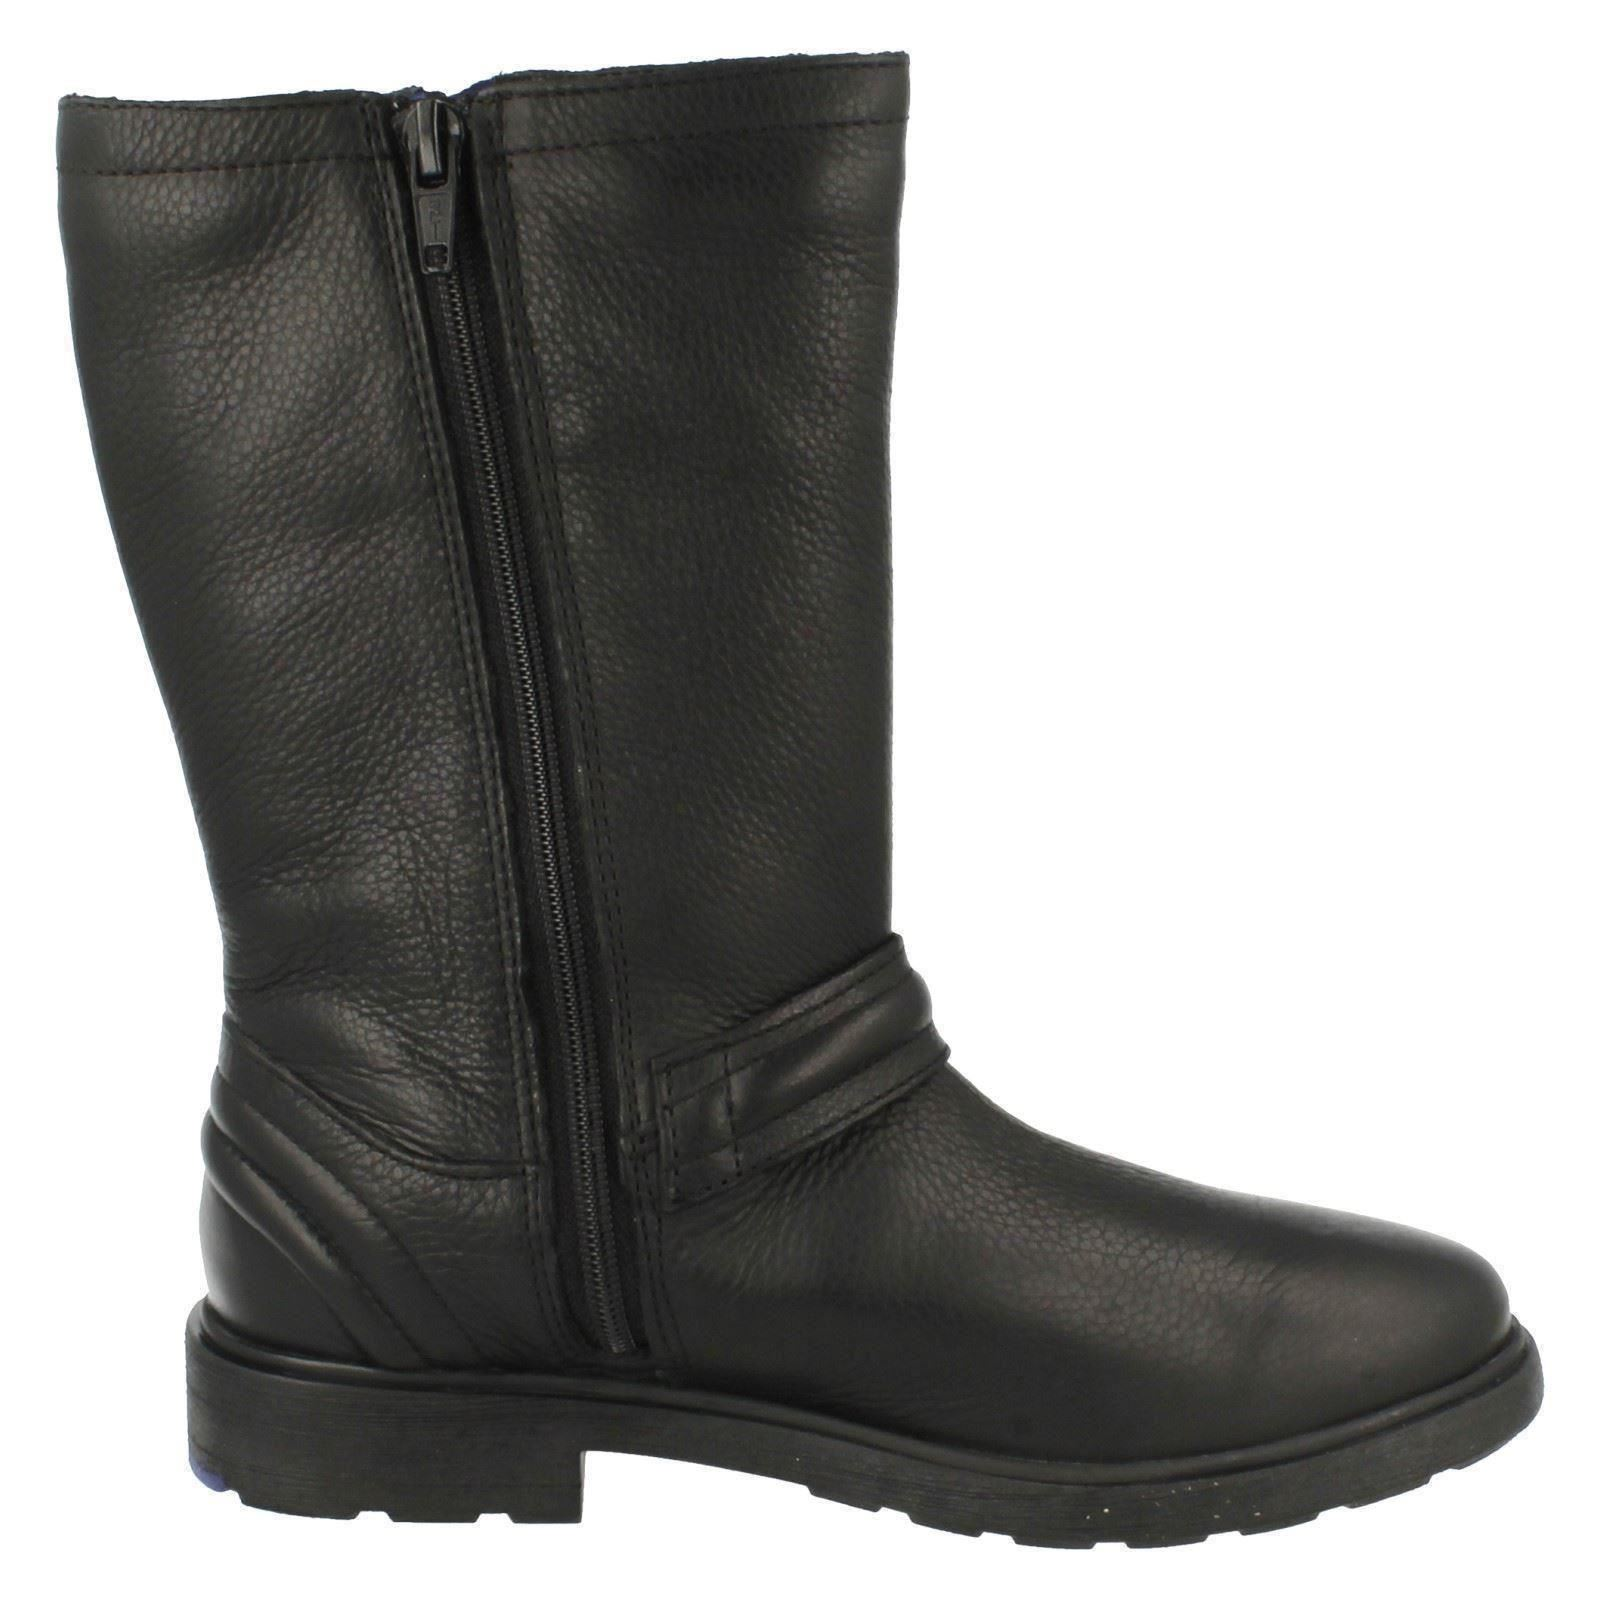 Girls Clarks Mid Calf Length Biker Chick Boots /'Ines Spot/'